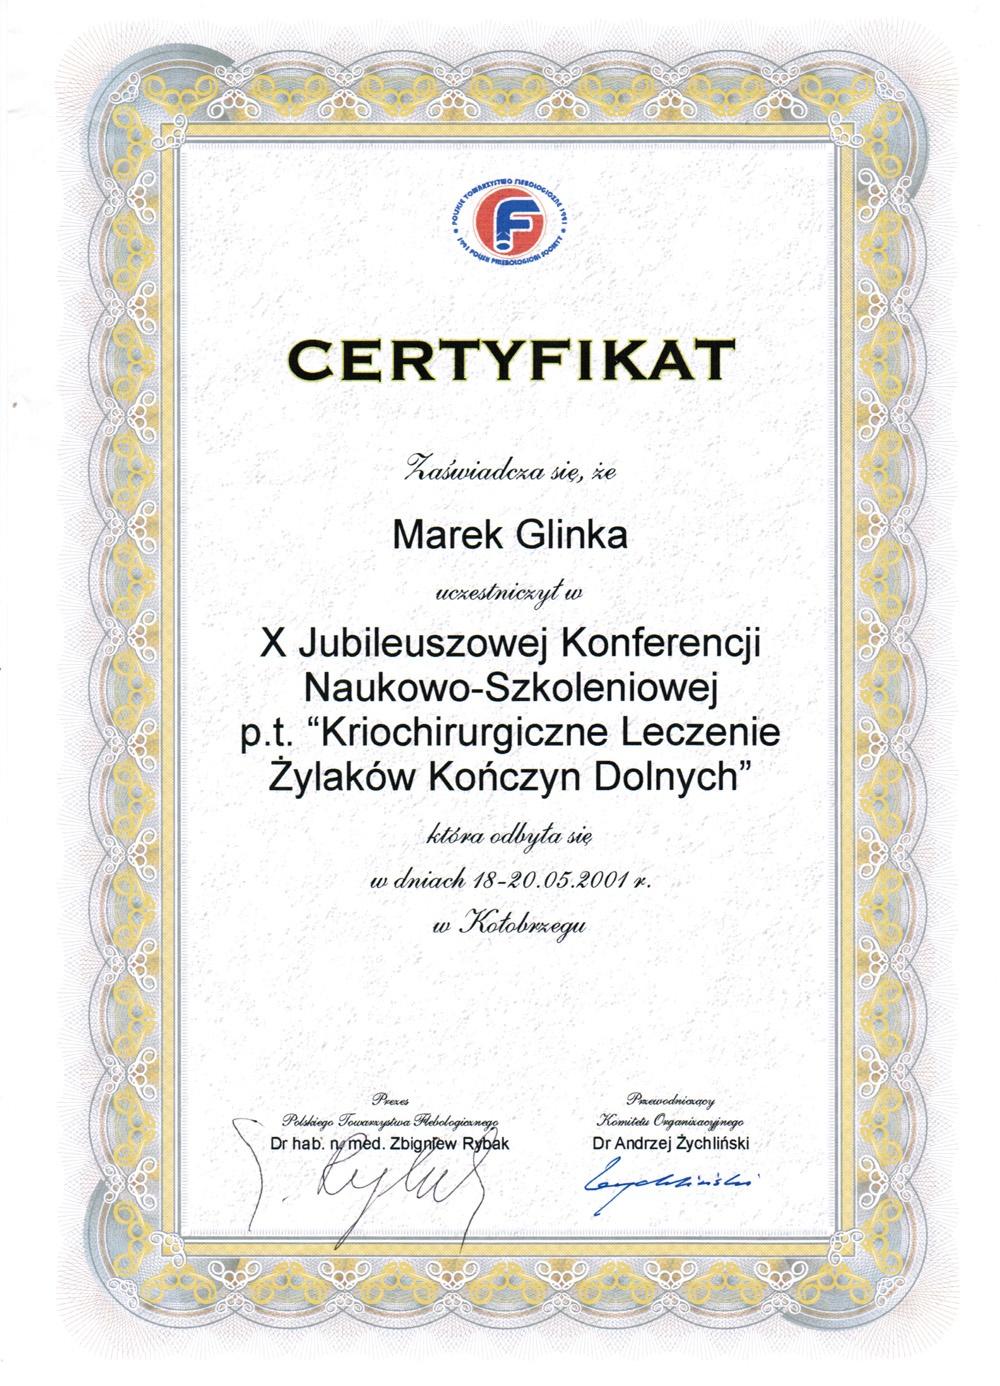 2001_05_18-20_marek_glinka_chiruria_zyl